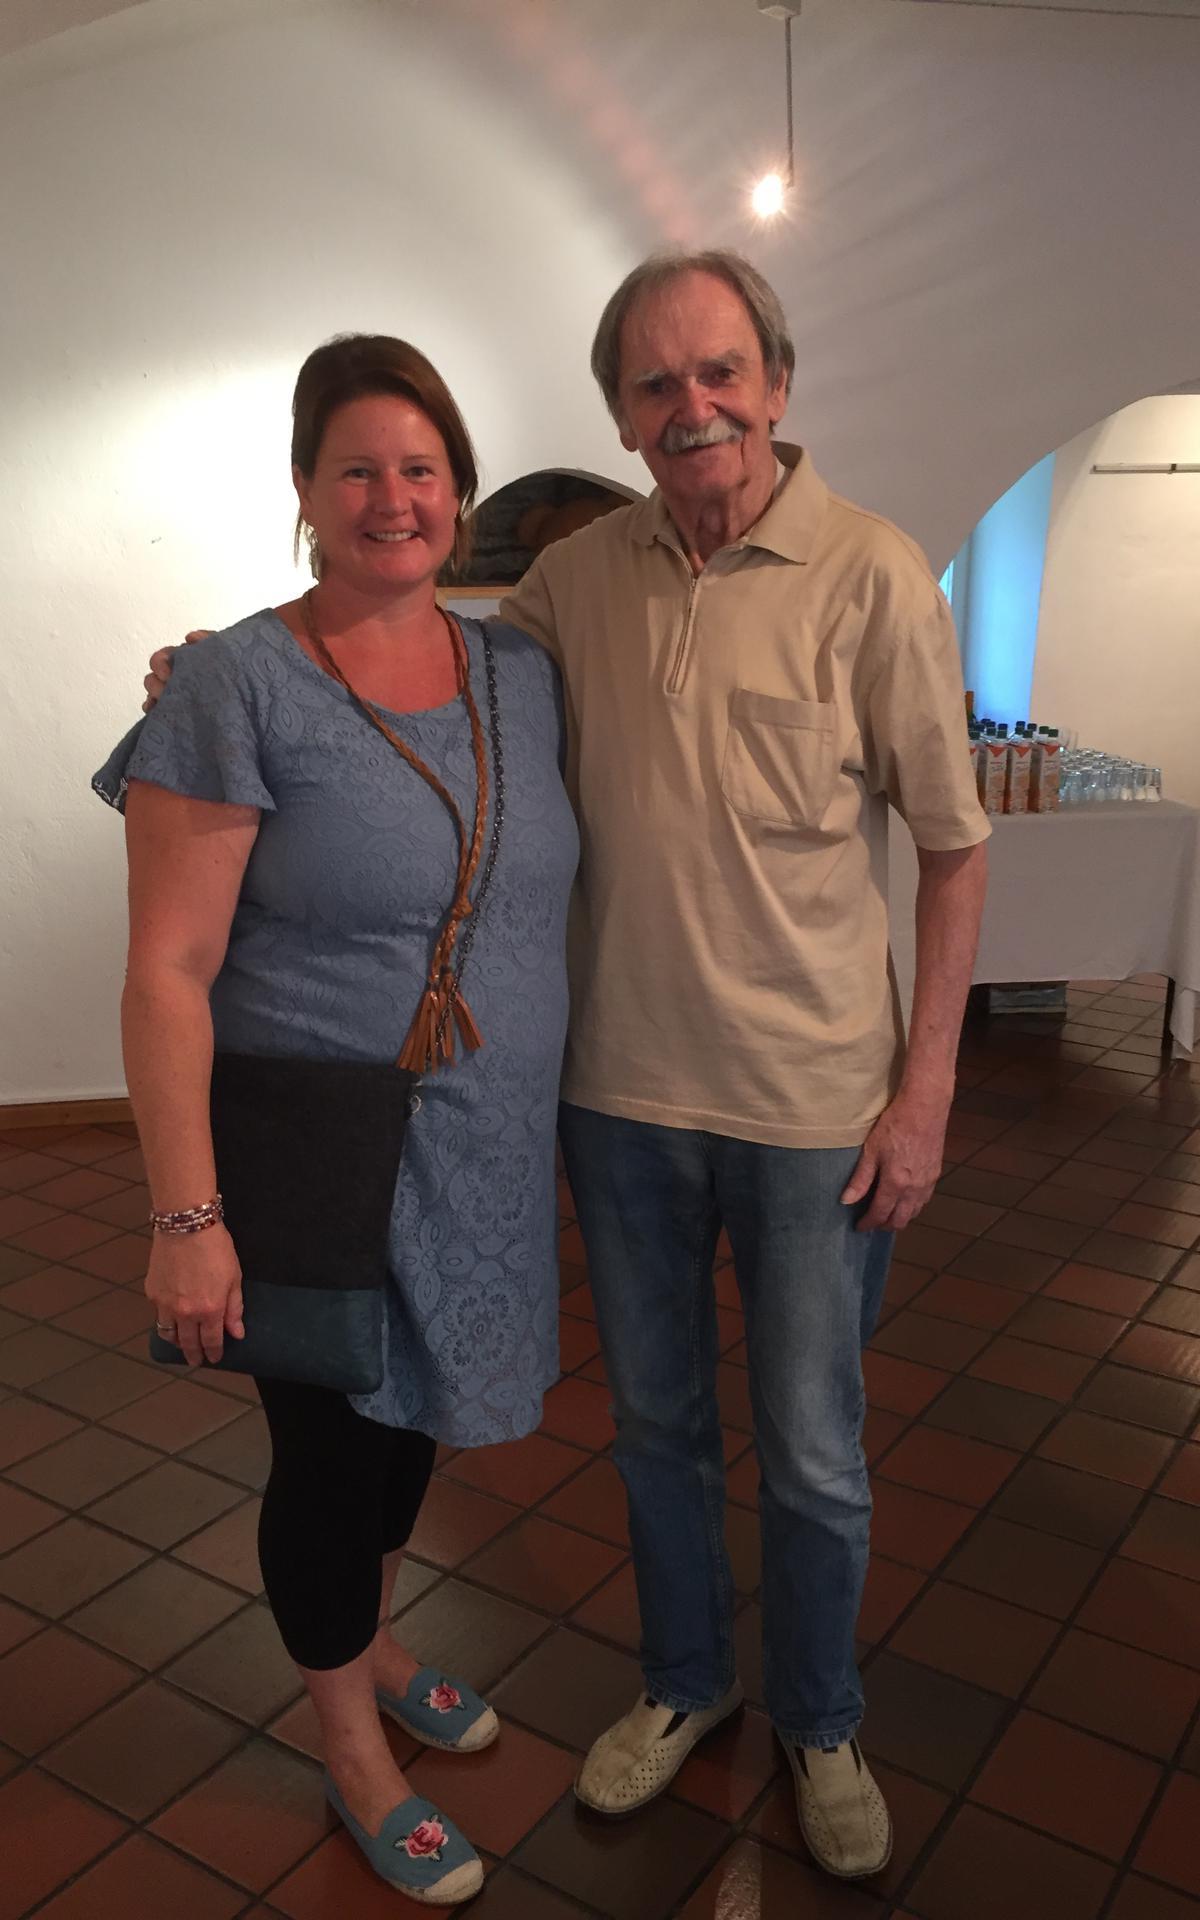 Der Künstler mit Sabine Steiner, der Vertreterin von 'Herzinder' Kärnten.